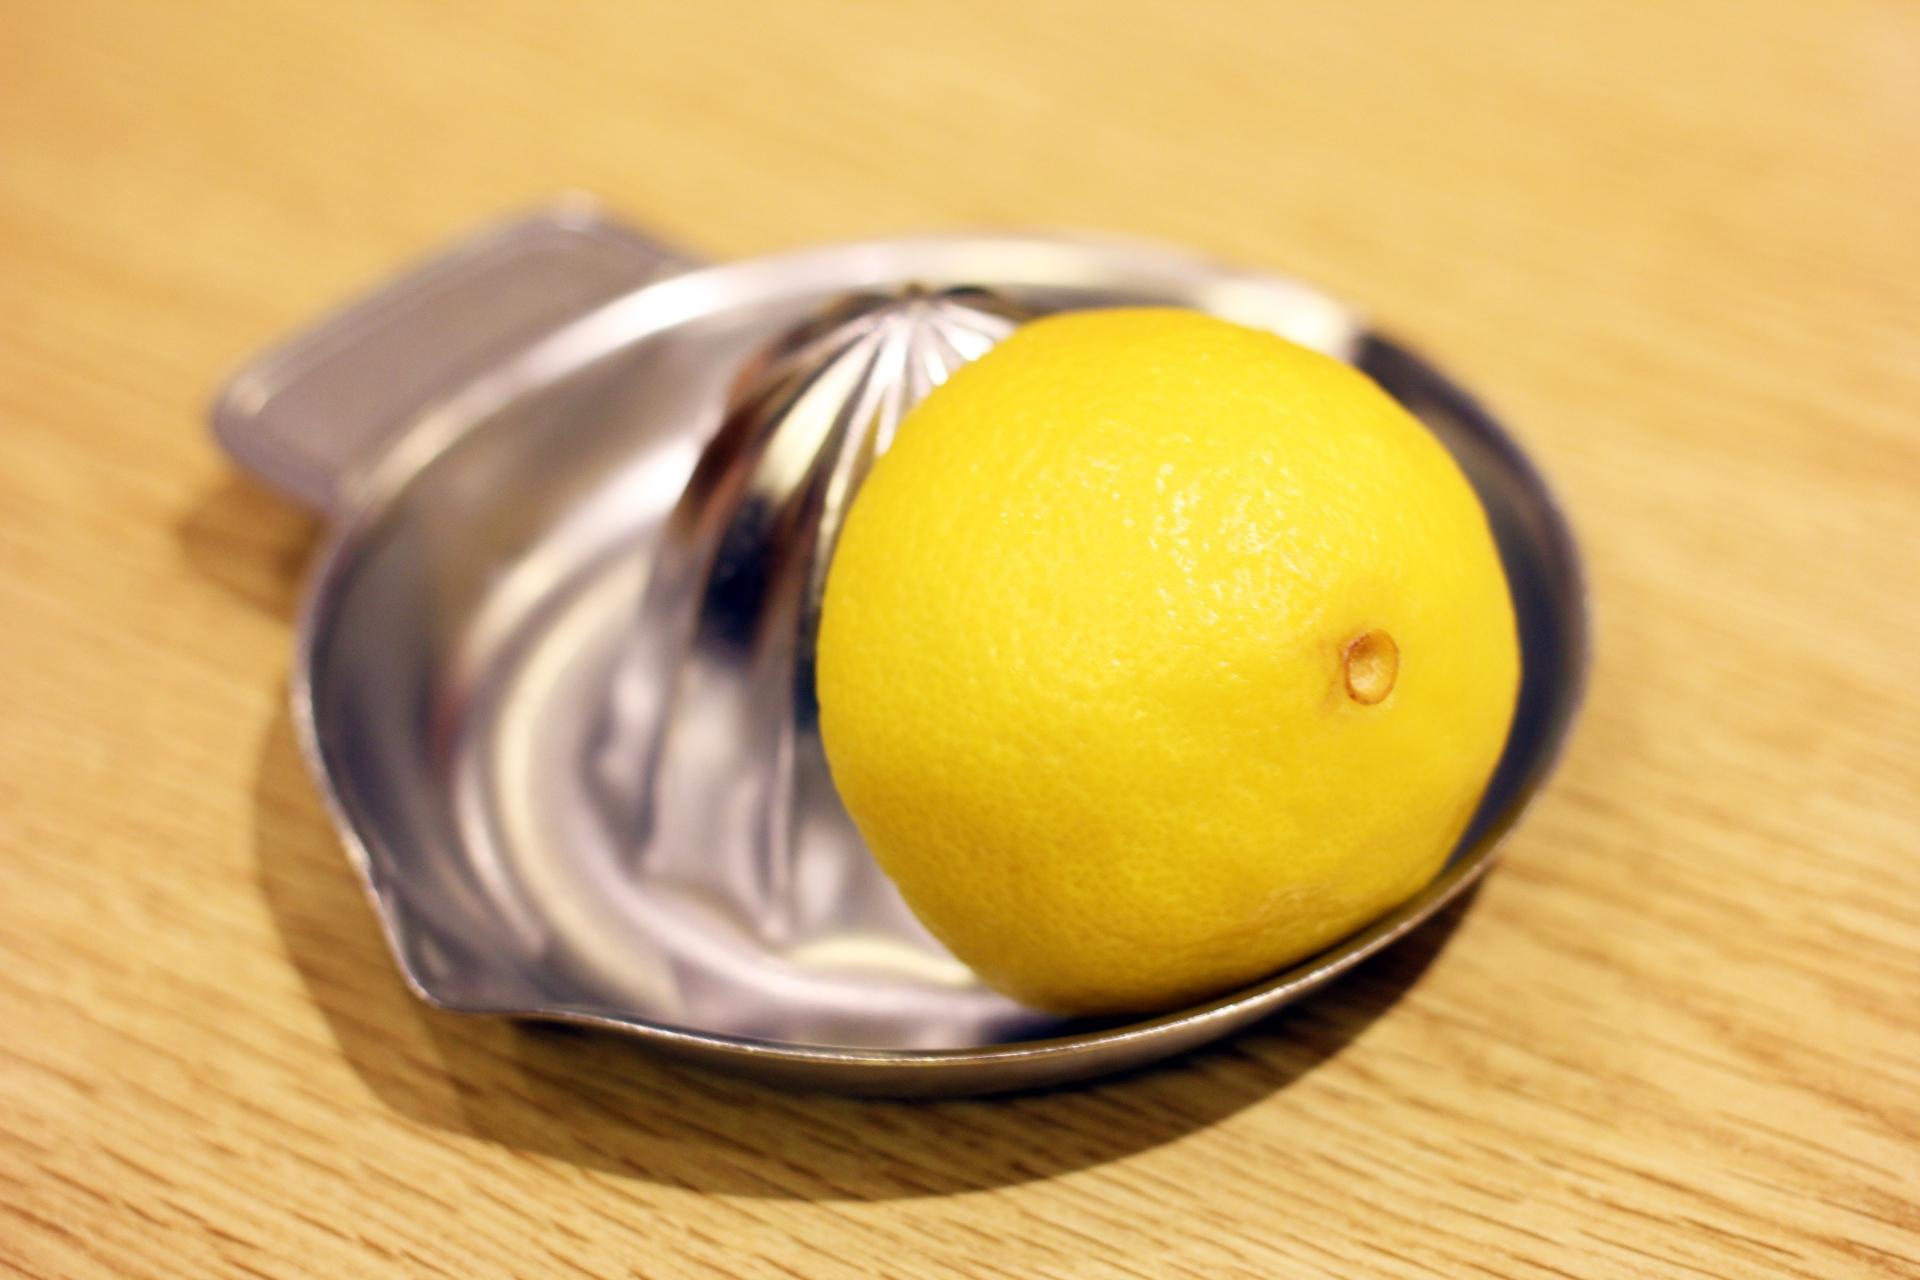 レモン汁と使った育毛・薄毛対策